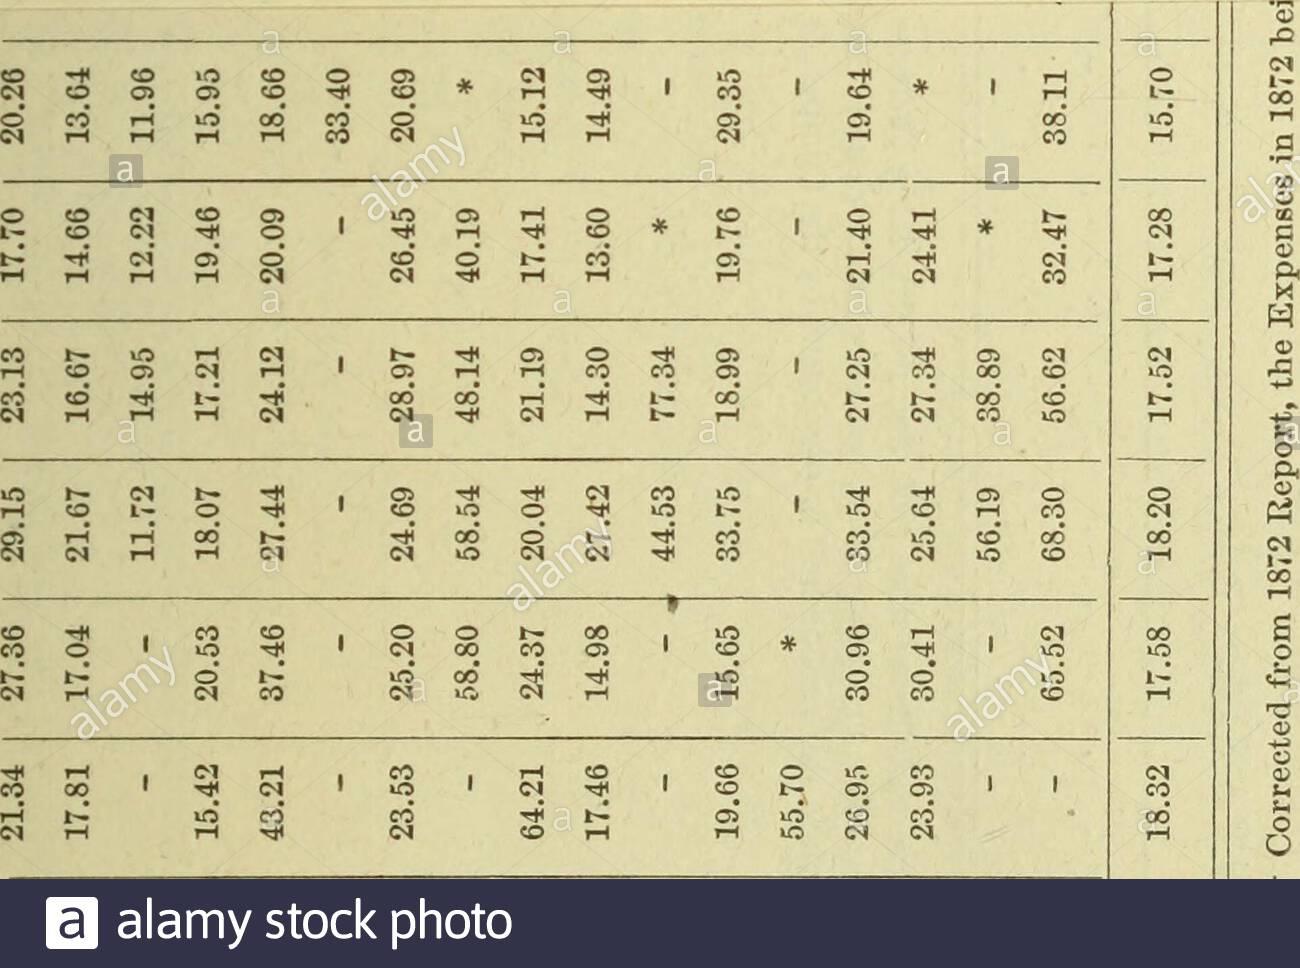 46 3 12 1 9 5 Cm Stock Photos & 46 3 12 1 9 5 Cm Stock